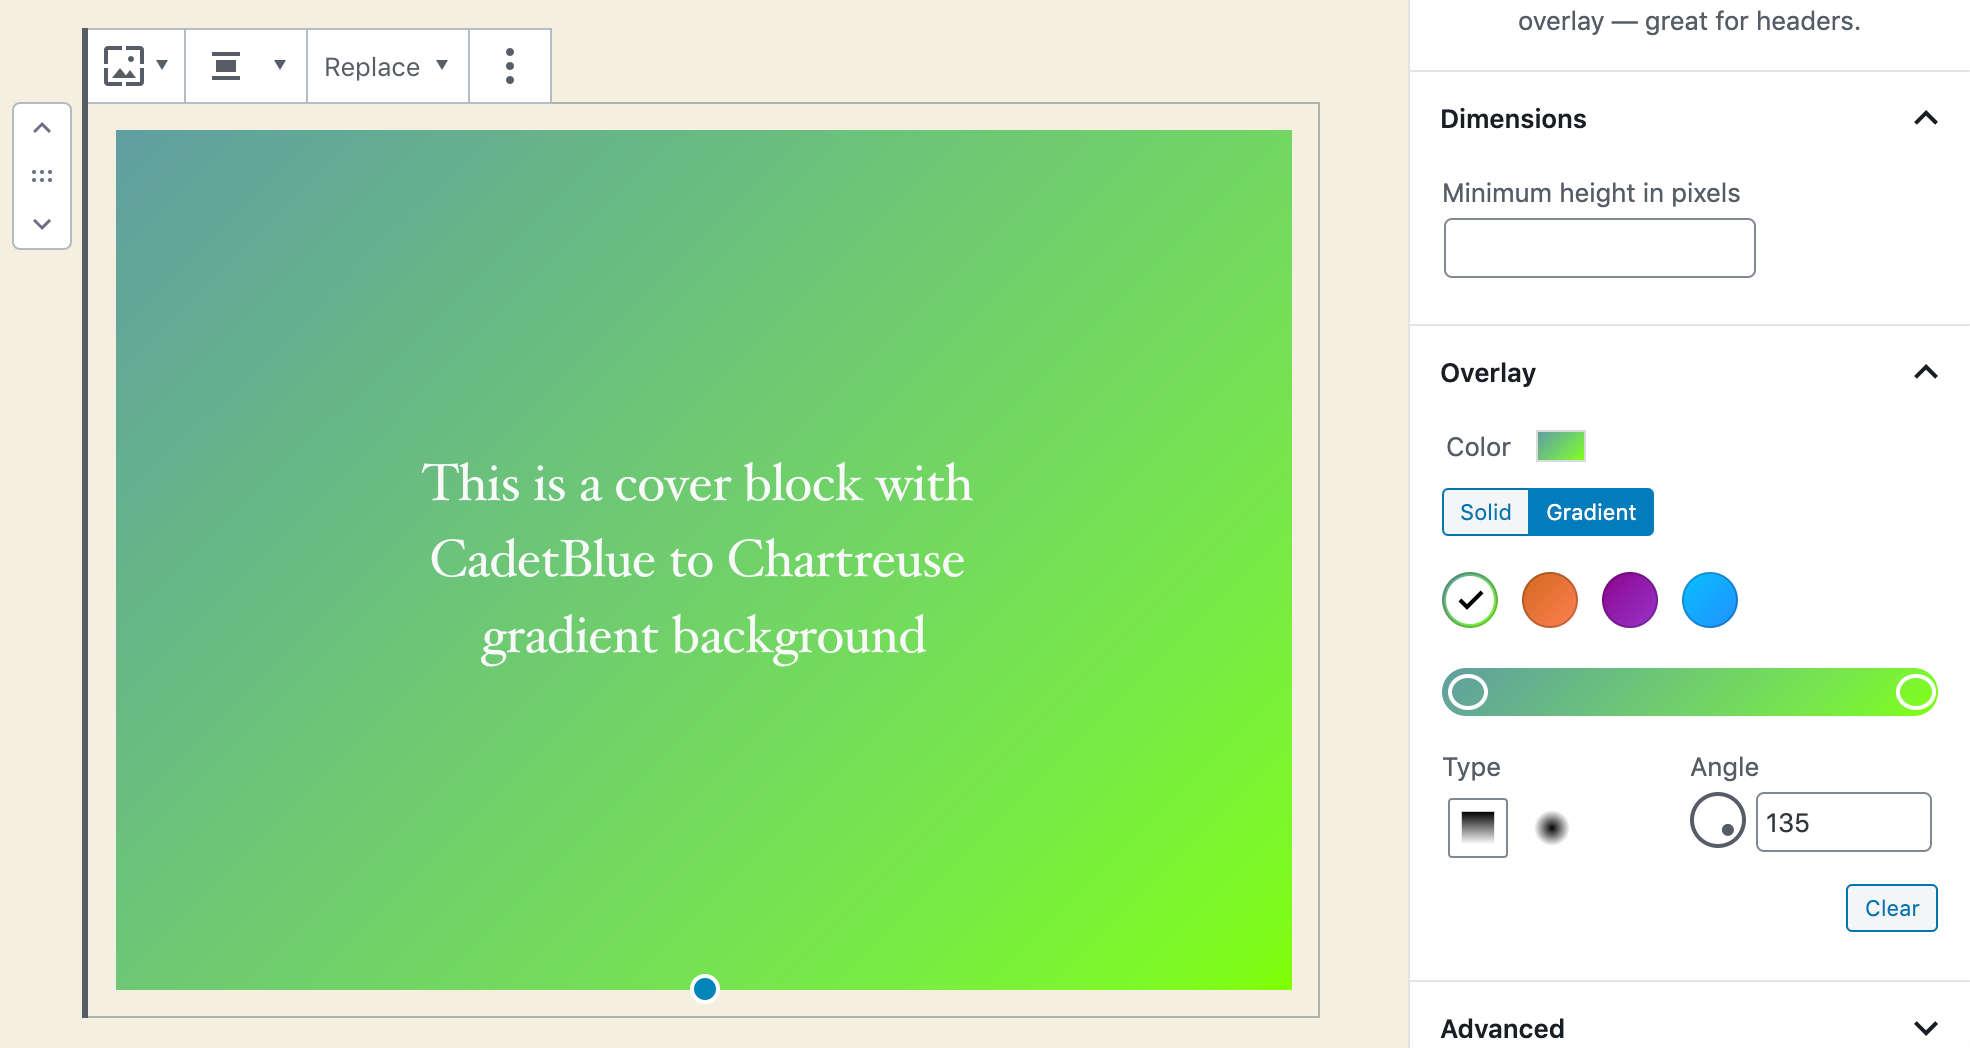 Preajustes de gradientes personalizados en WordPress 5.4